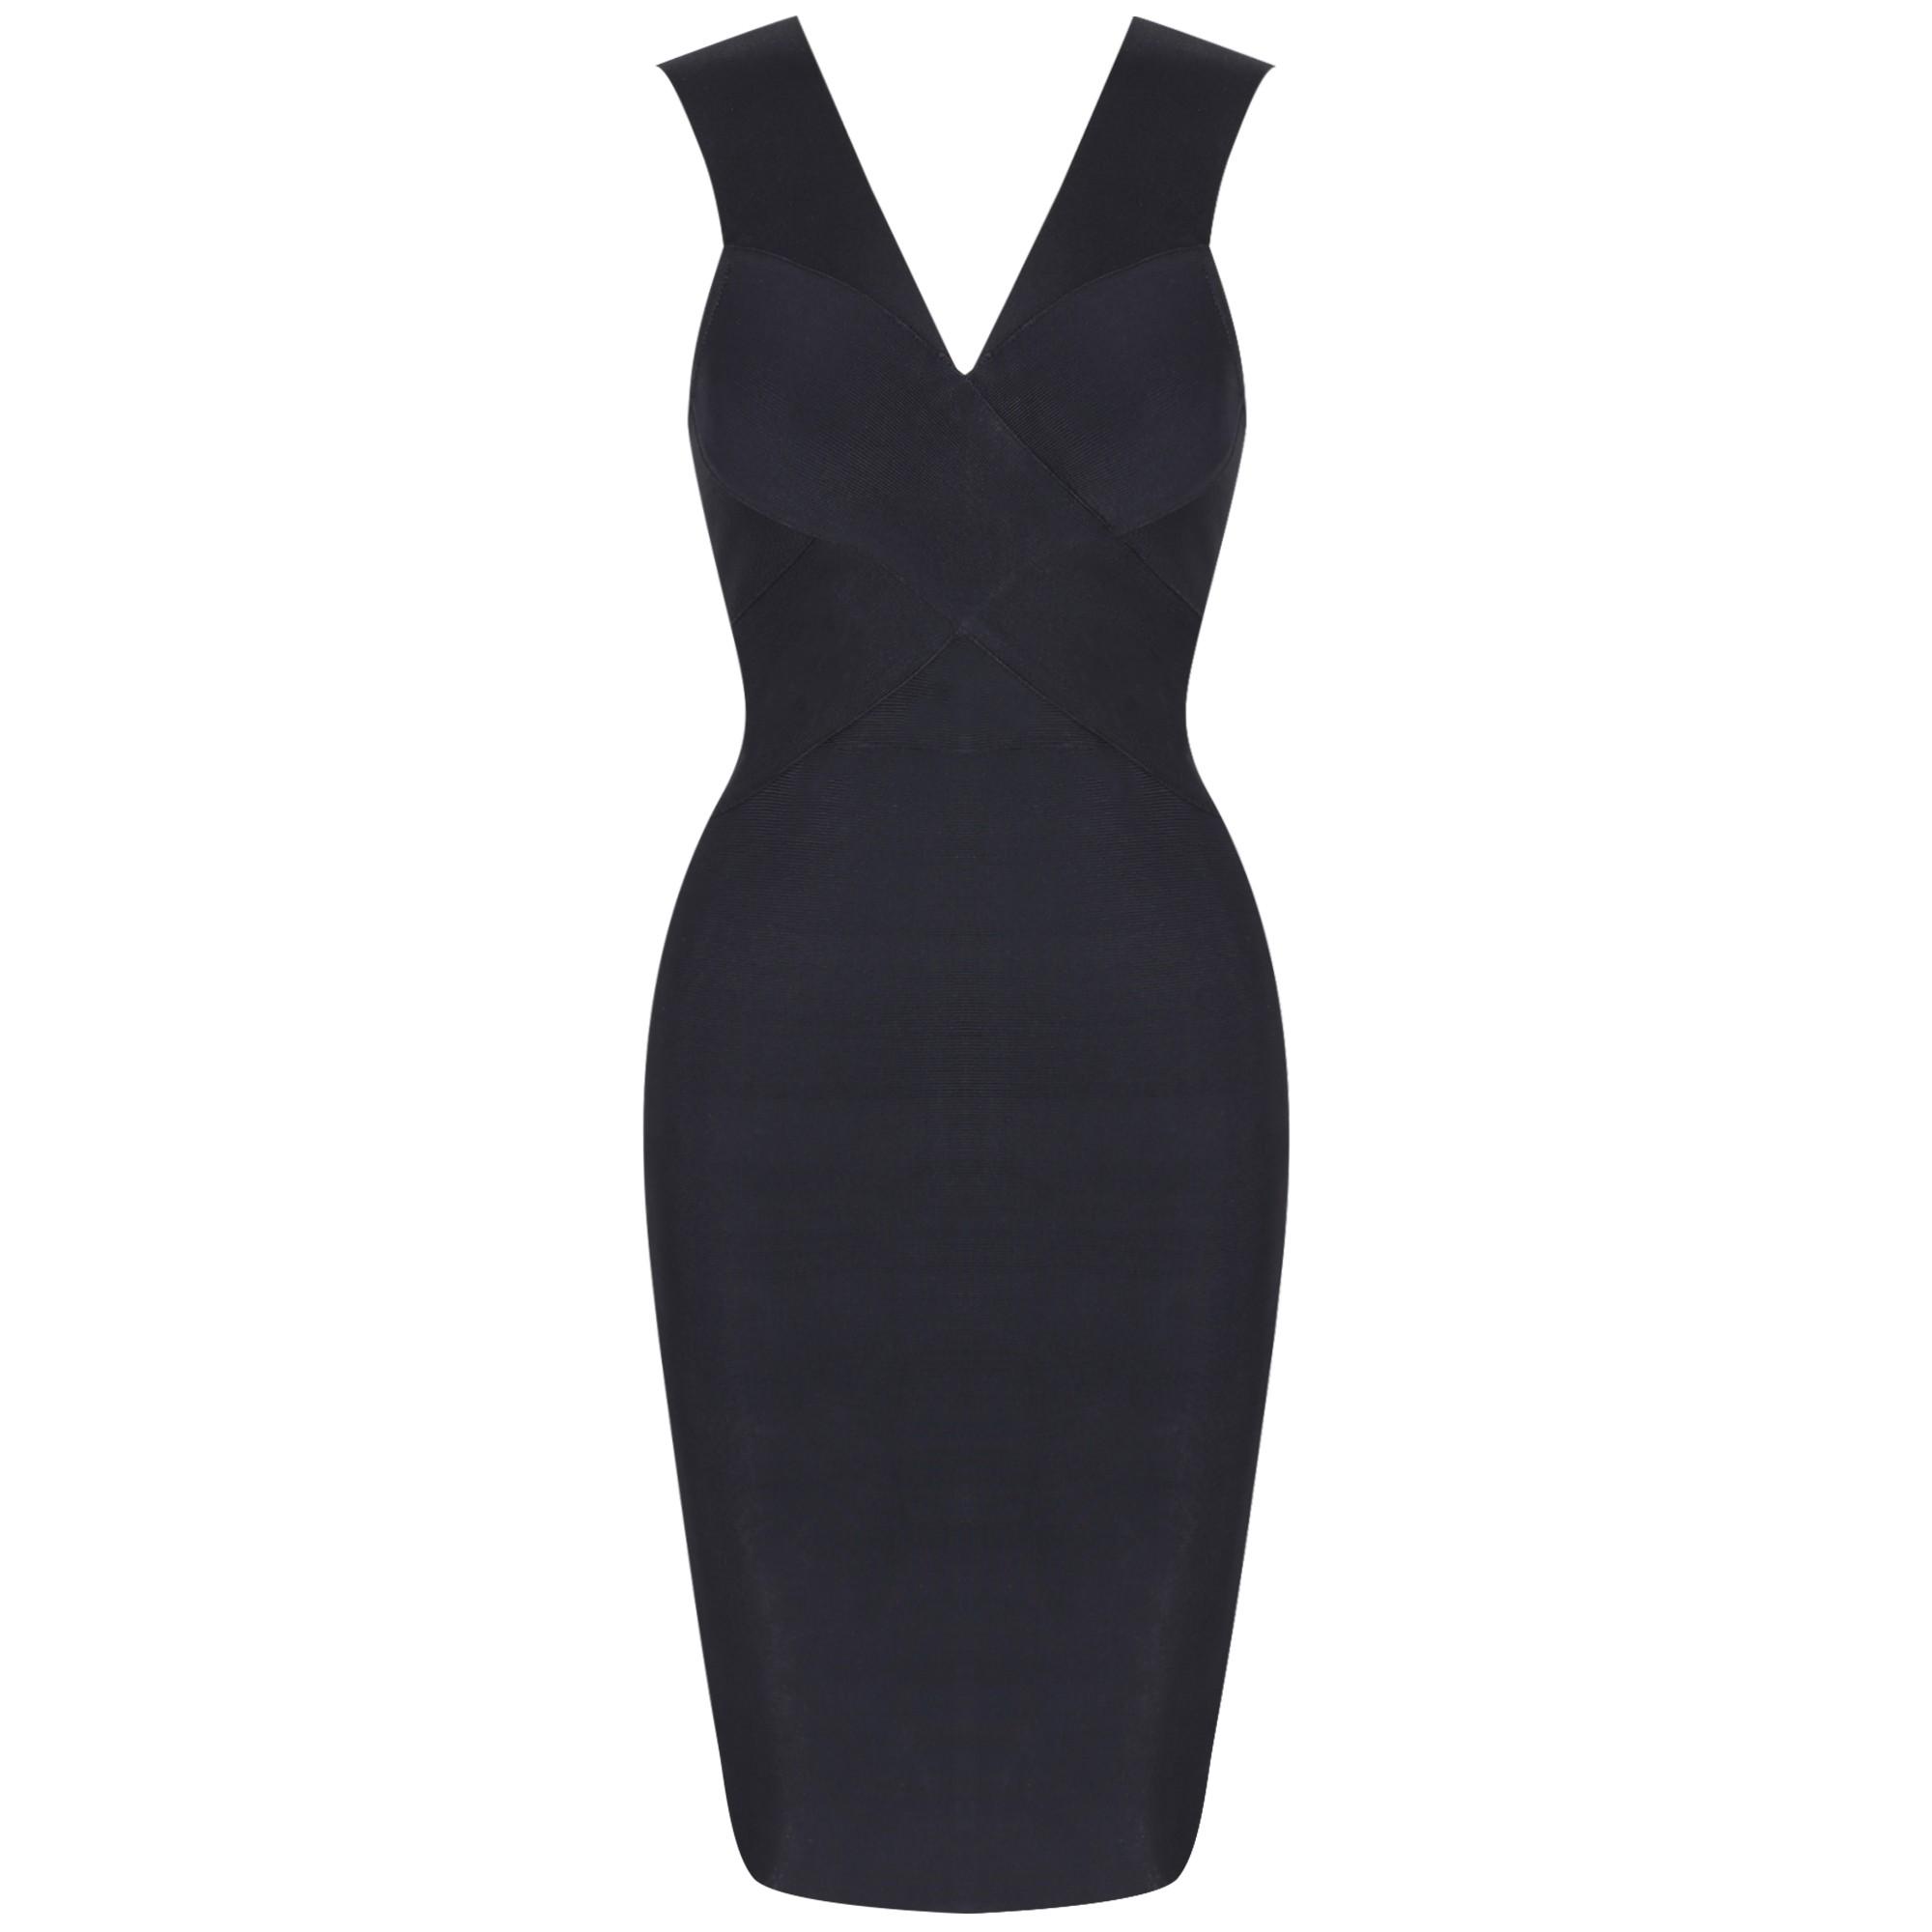 Black V Neck Sleeveless Mini Simple Fashion Bandage Dress HK036-Black